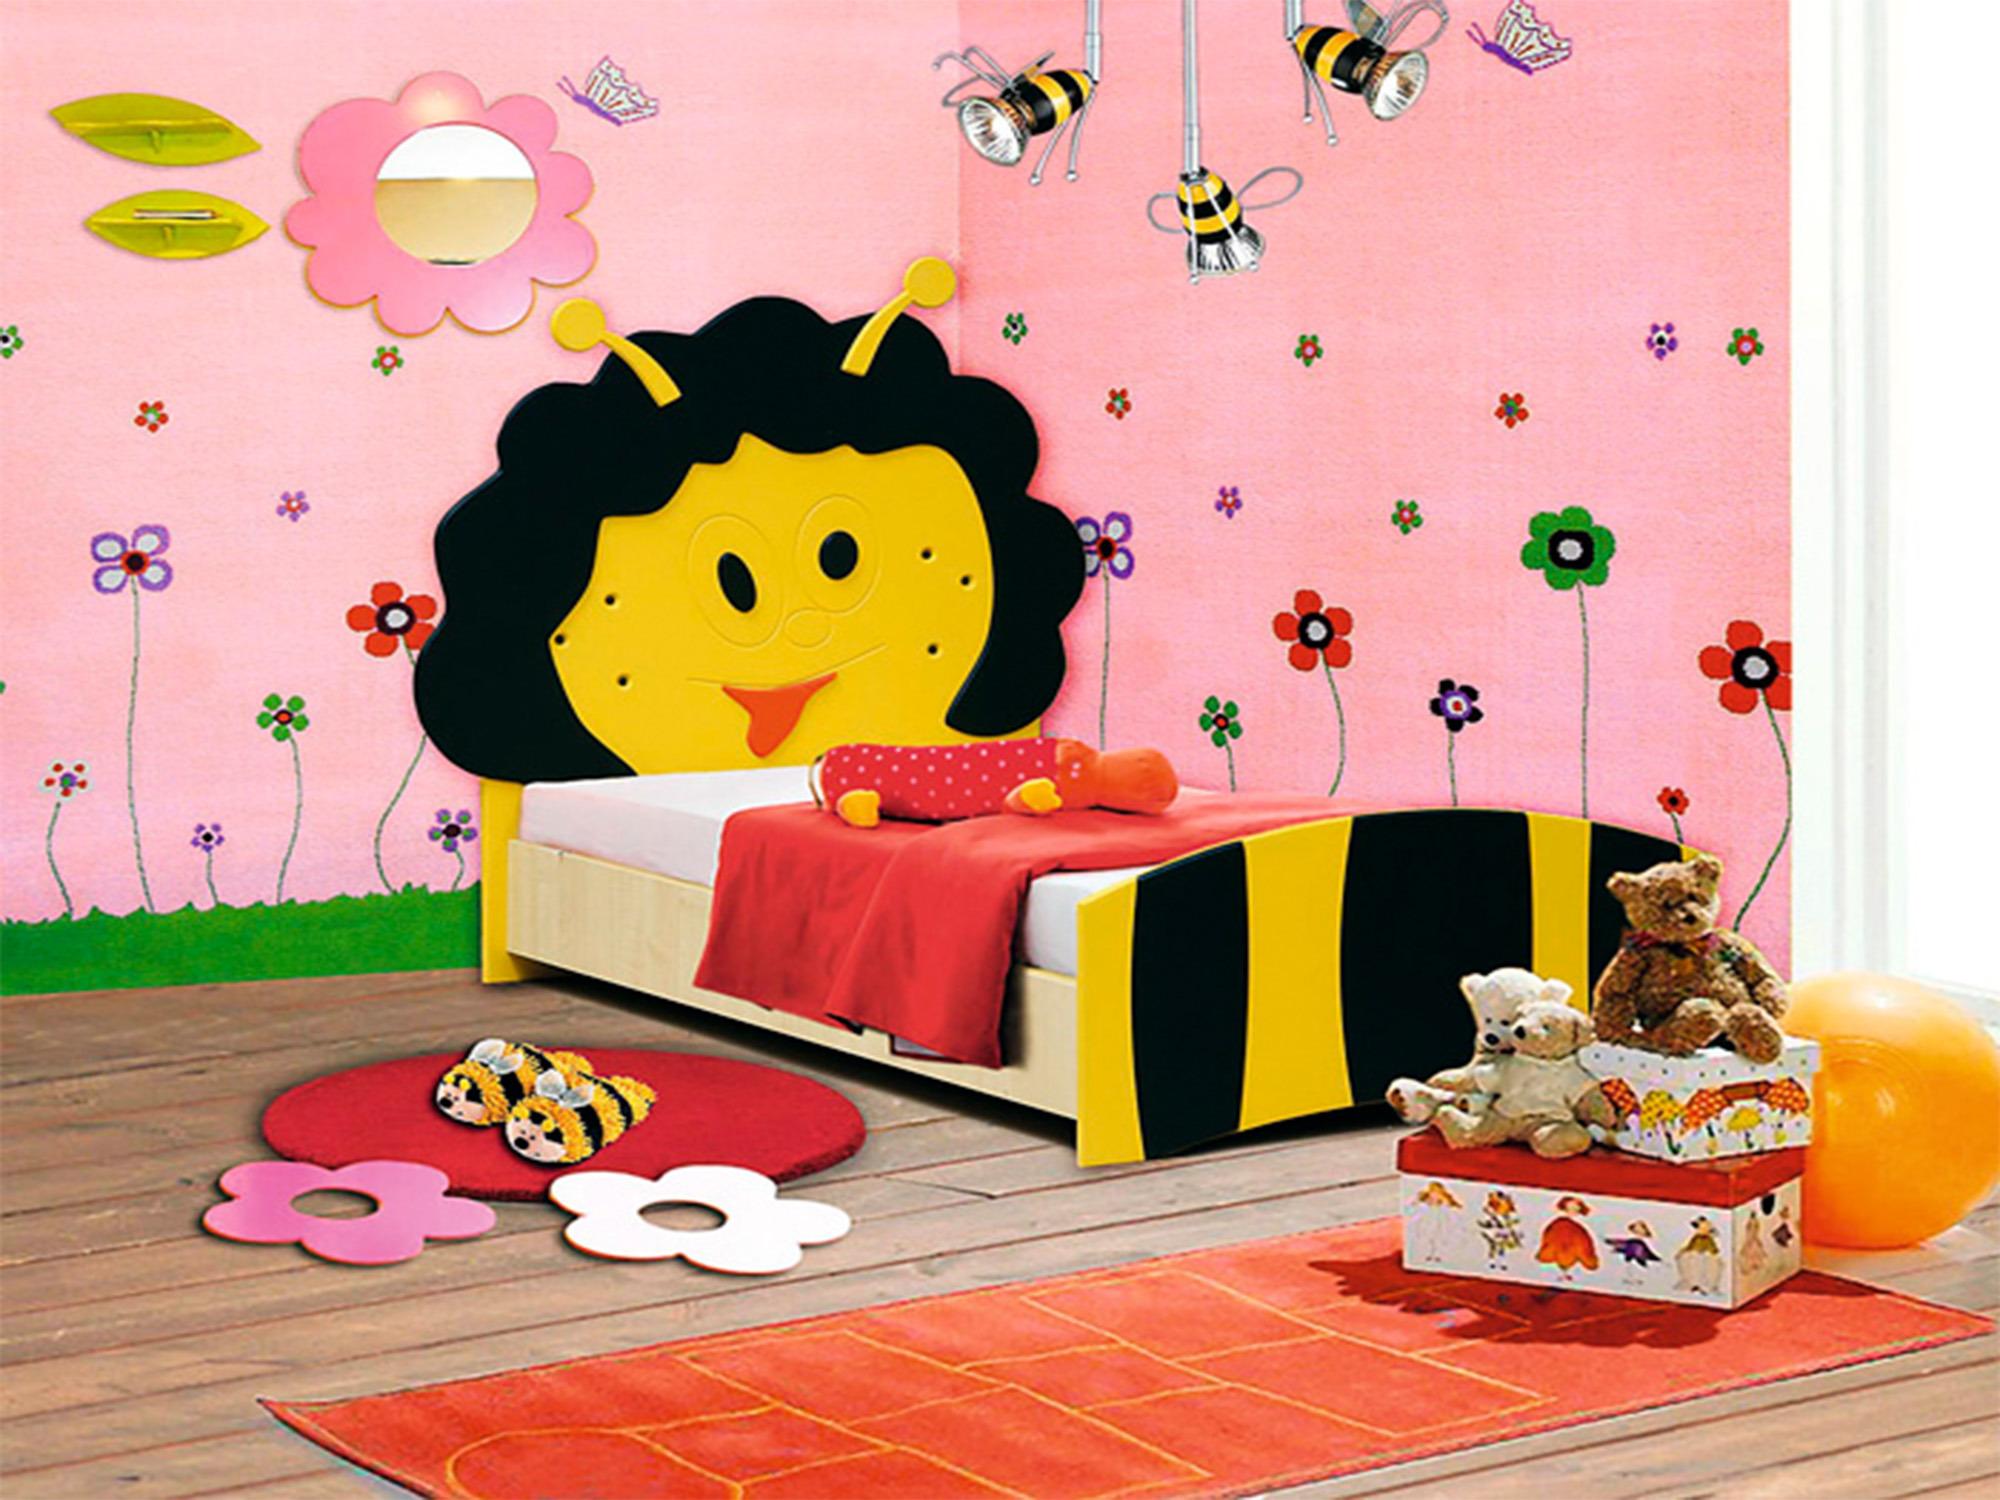 Кровать ПчелкаДетские кровати<br><br><br>Длина мм: 1090<br>Высота мм: 1100<br>Глубина мм: 1740